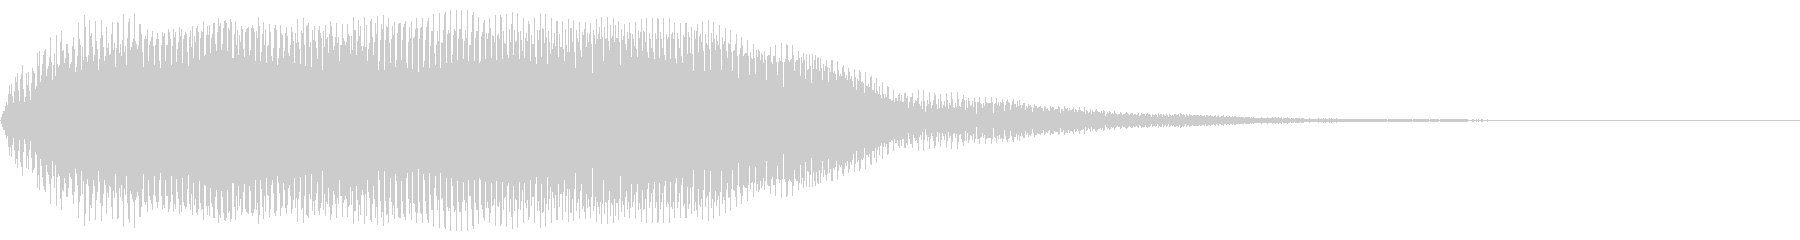 【でーん・・・】何かに気付いた際の効果音の未再生の波形